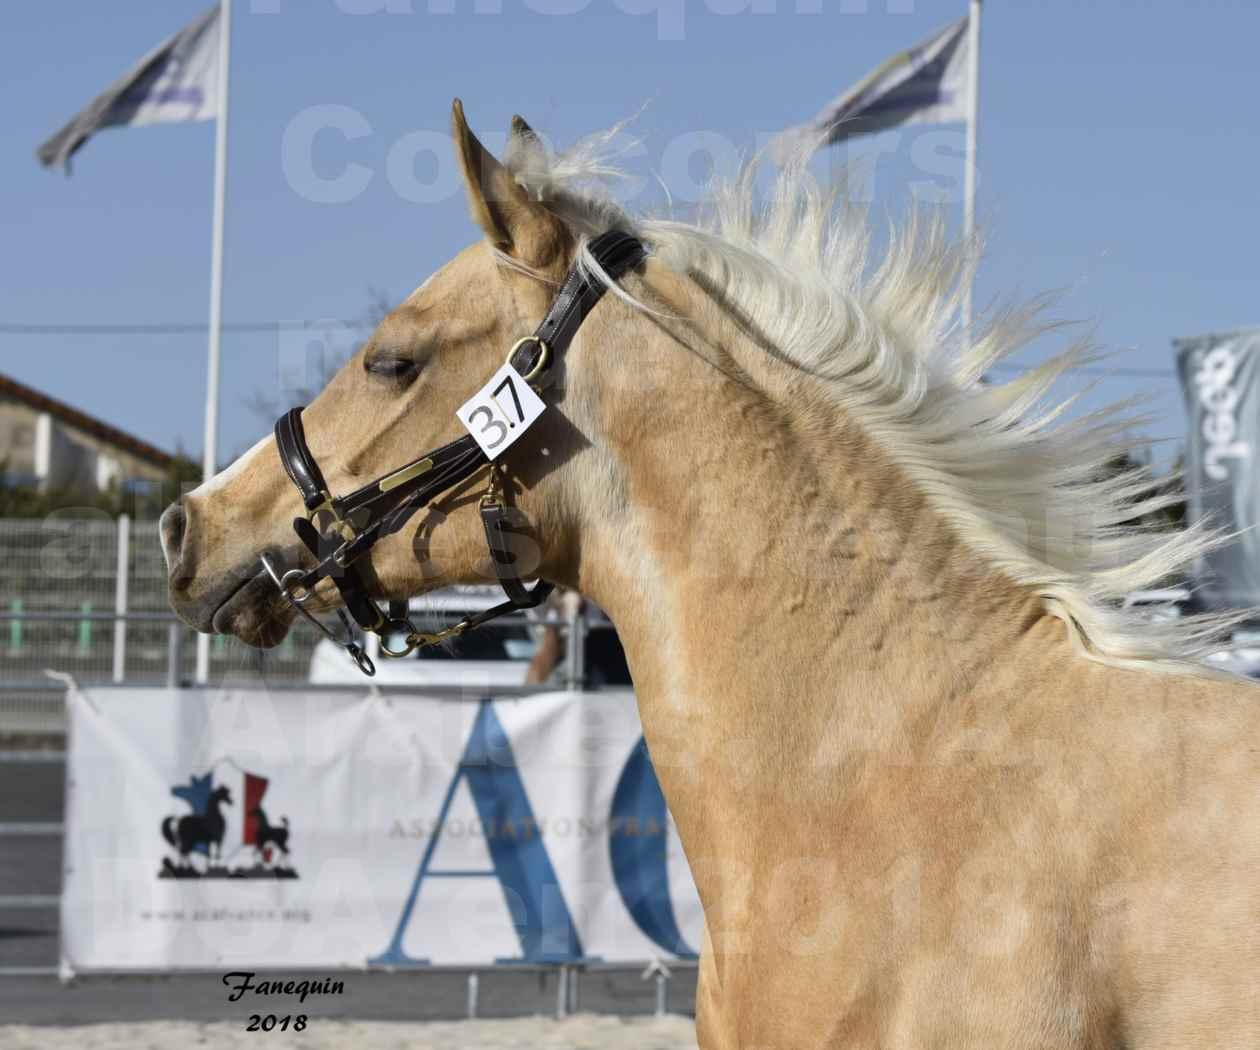 Concours d'élevage de Chevaux Arabes - D. S. A. - A. A. - ALBI les 6 & 7 Avril 2018 - GOLD DE DARRE - Notre Sélection - Portraits - 5